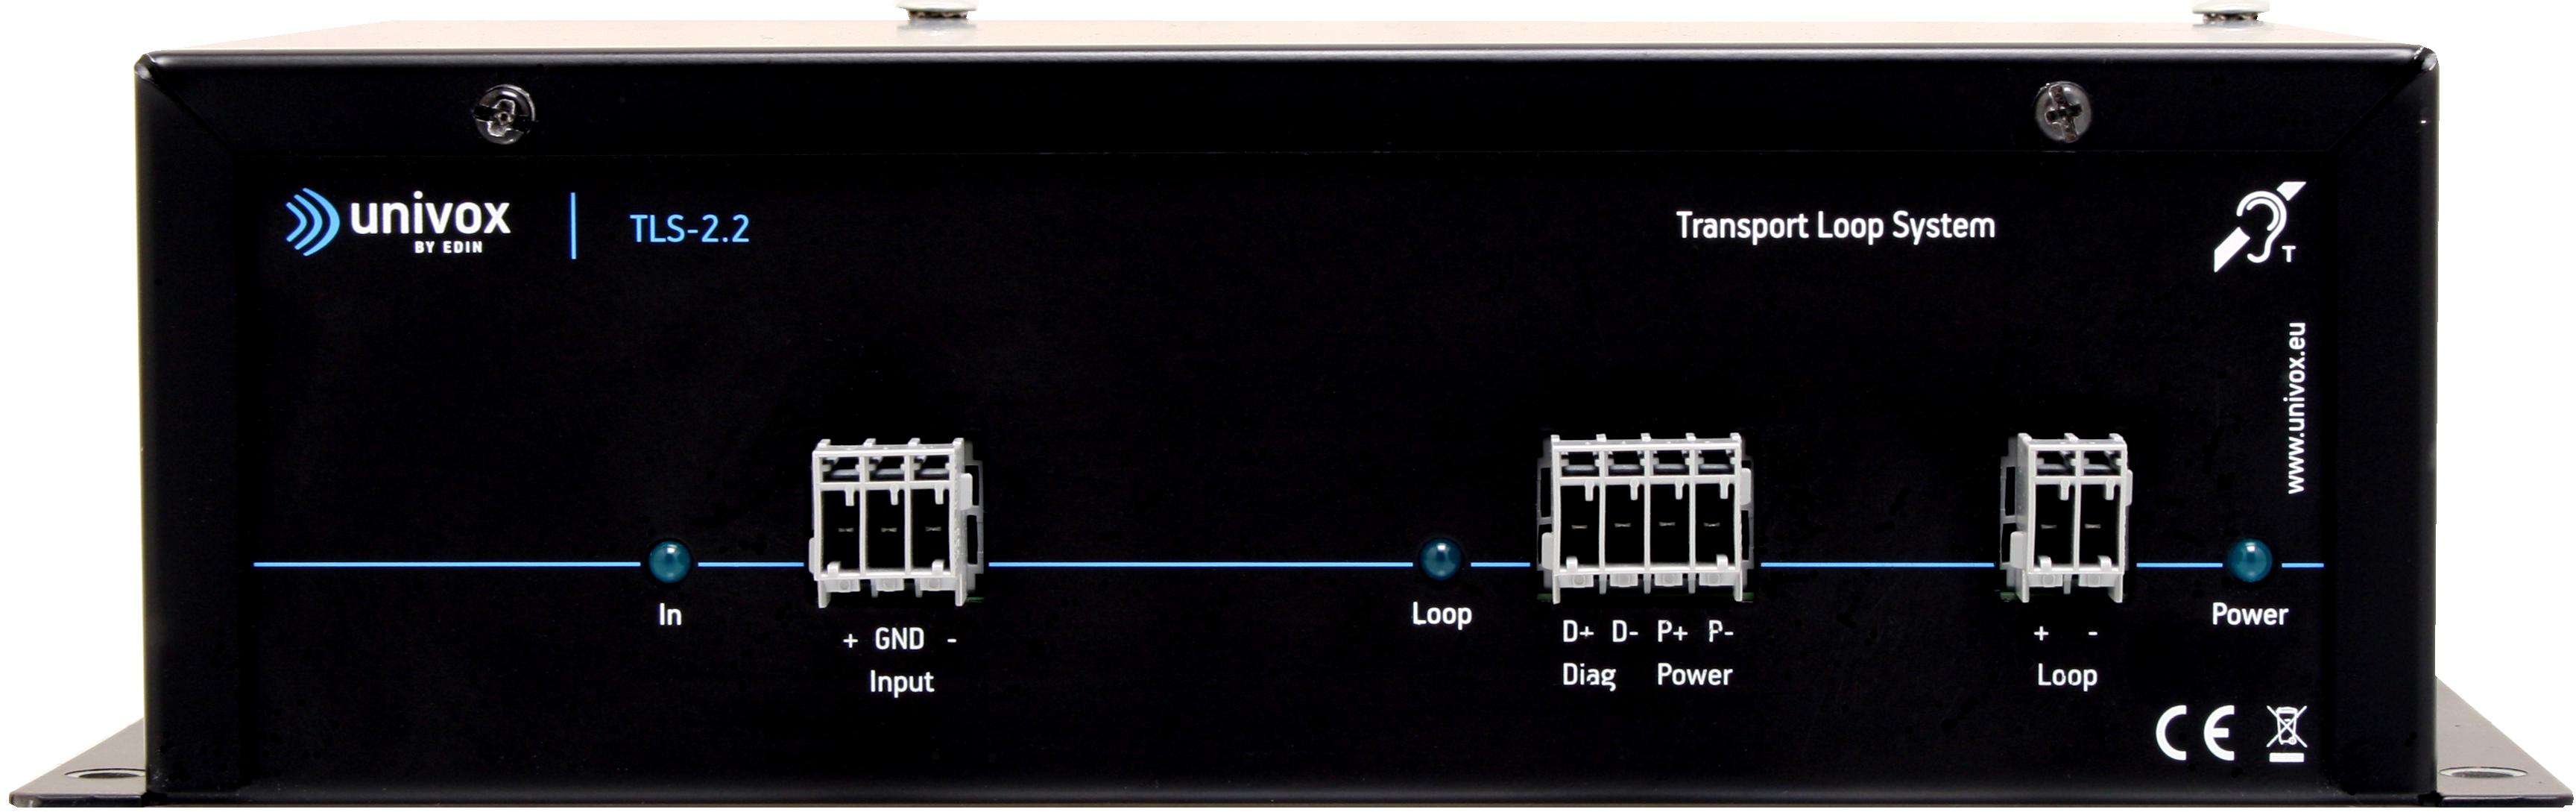 TLS-2.2